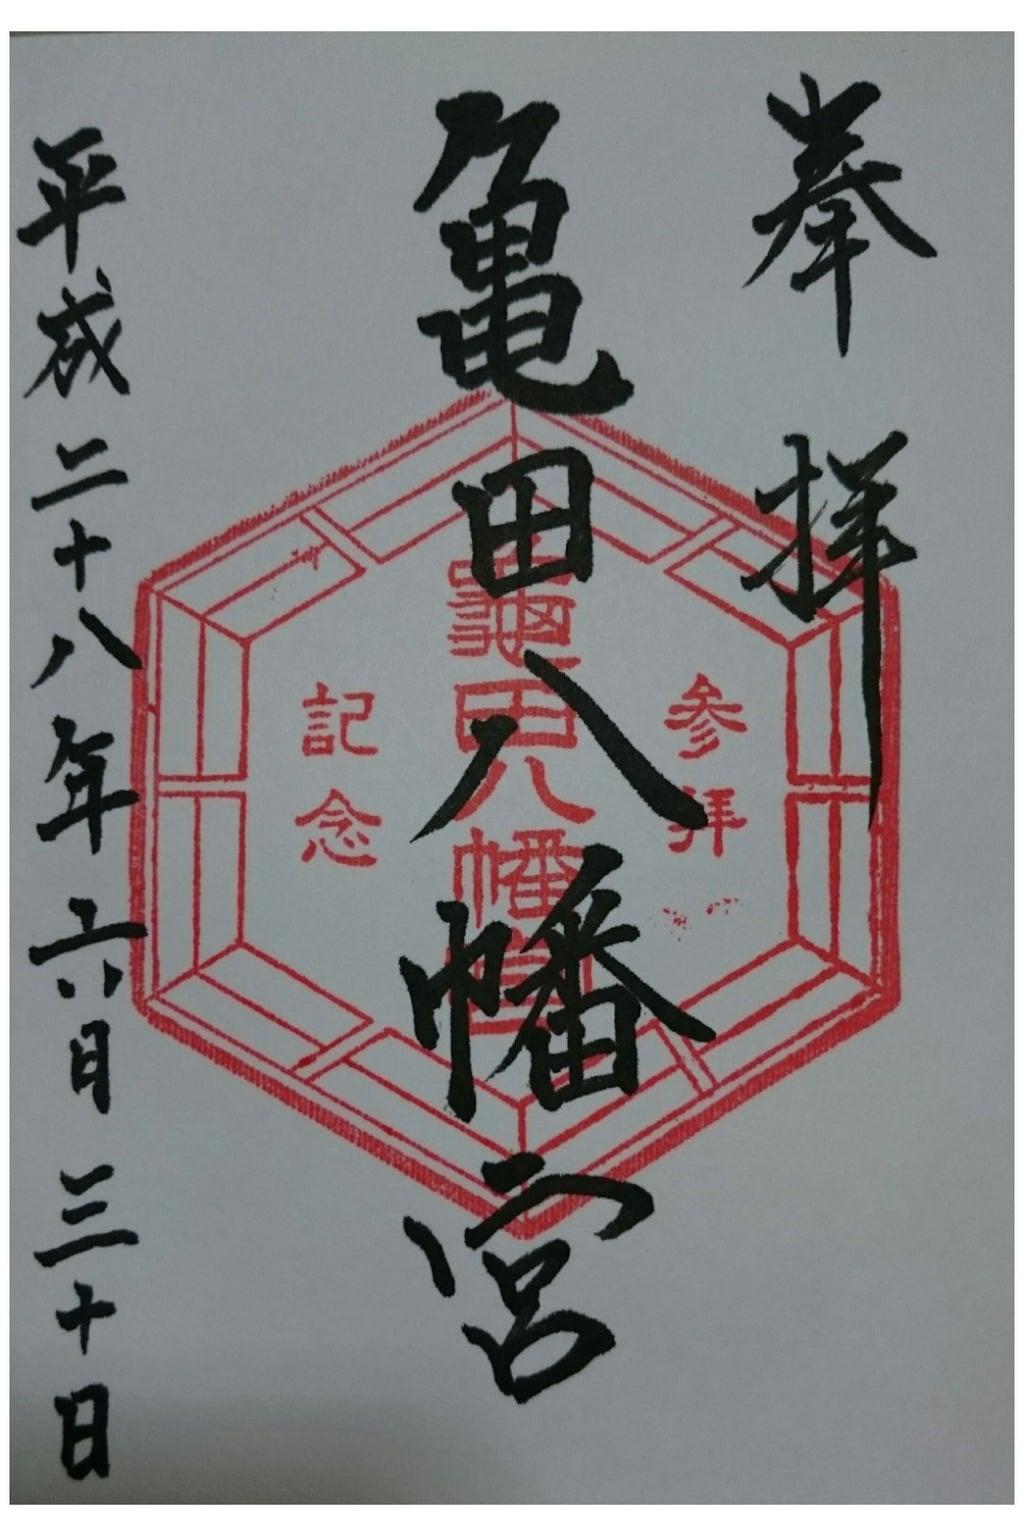 亀田八幡宮の御朱印